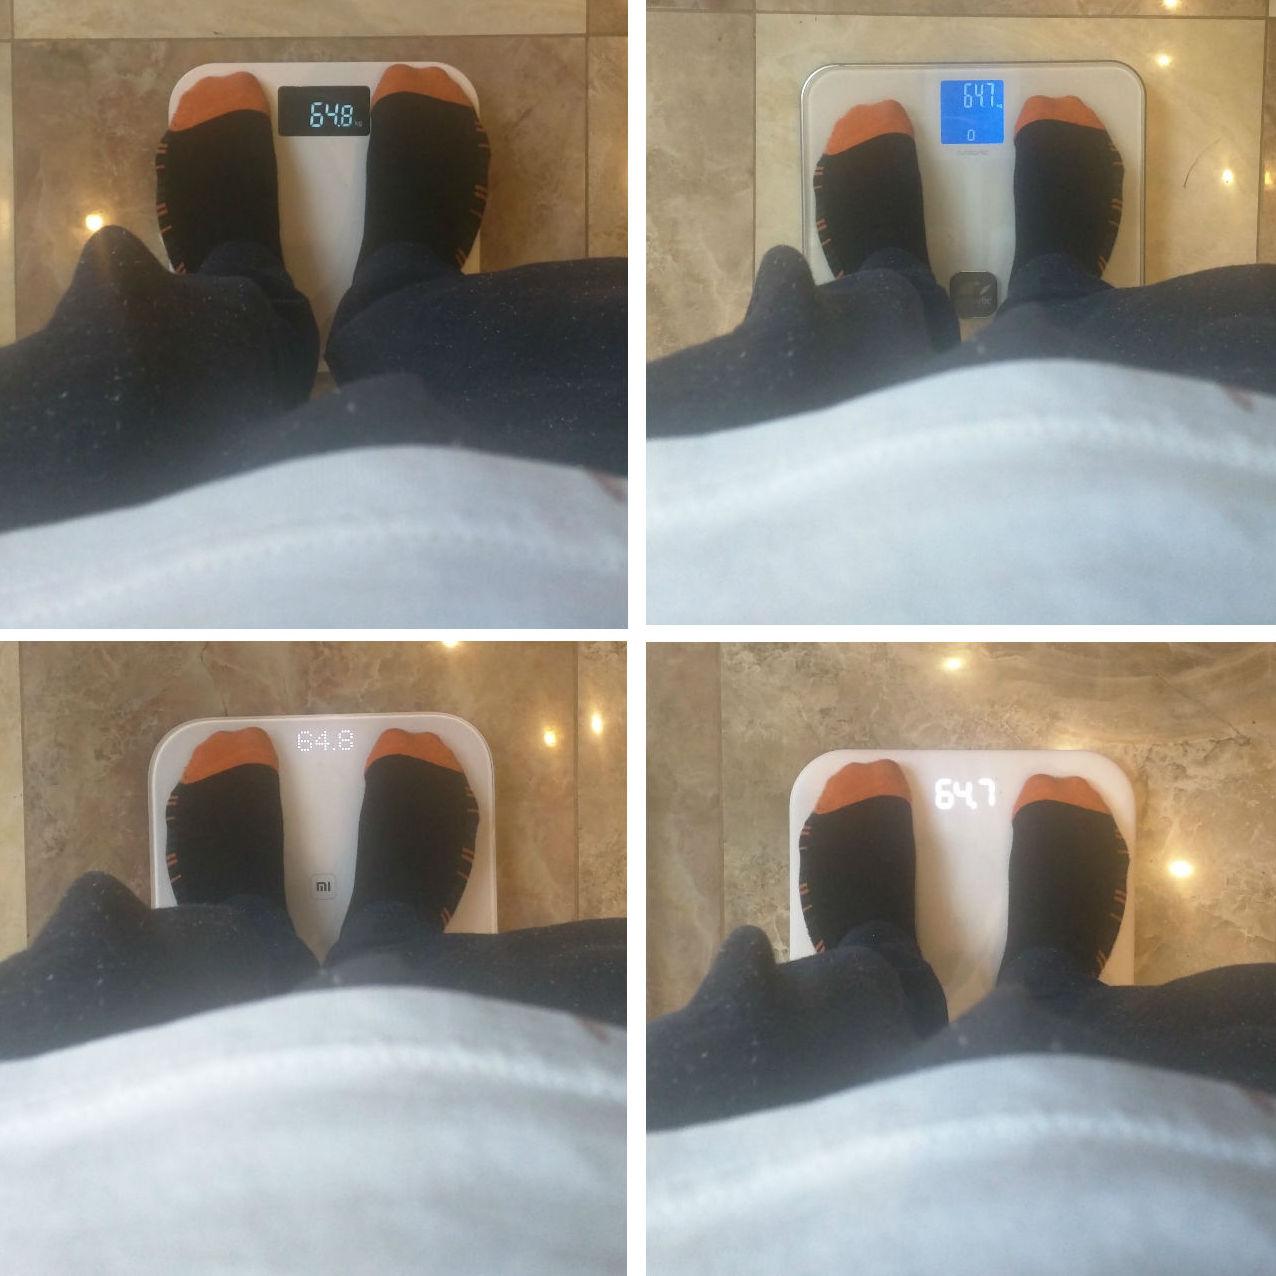 Пару слов в защиту умных весов: есть ли единый стандарт измерений? - 7